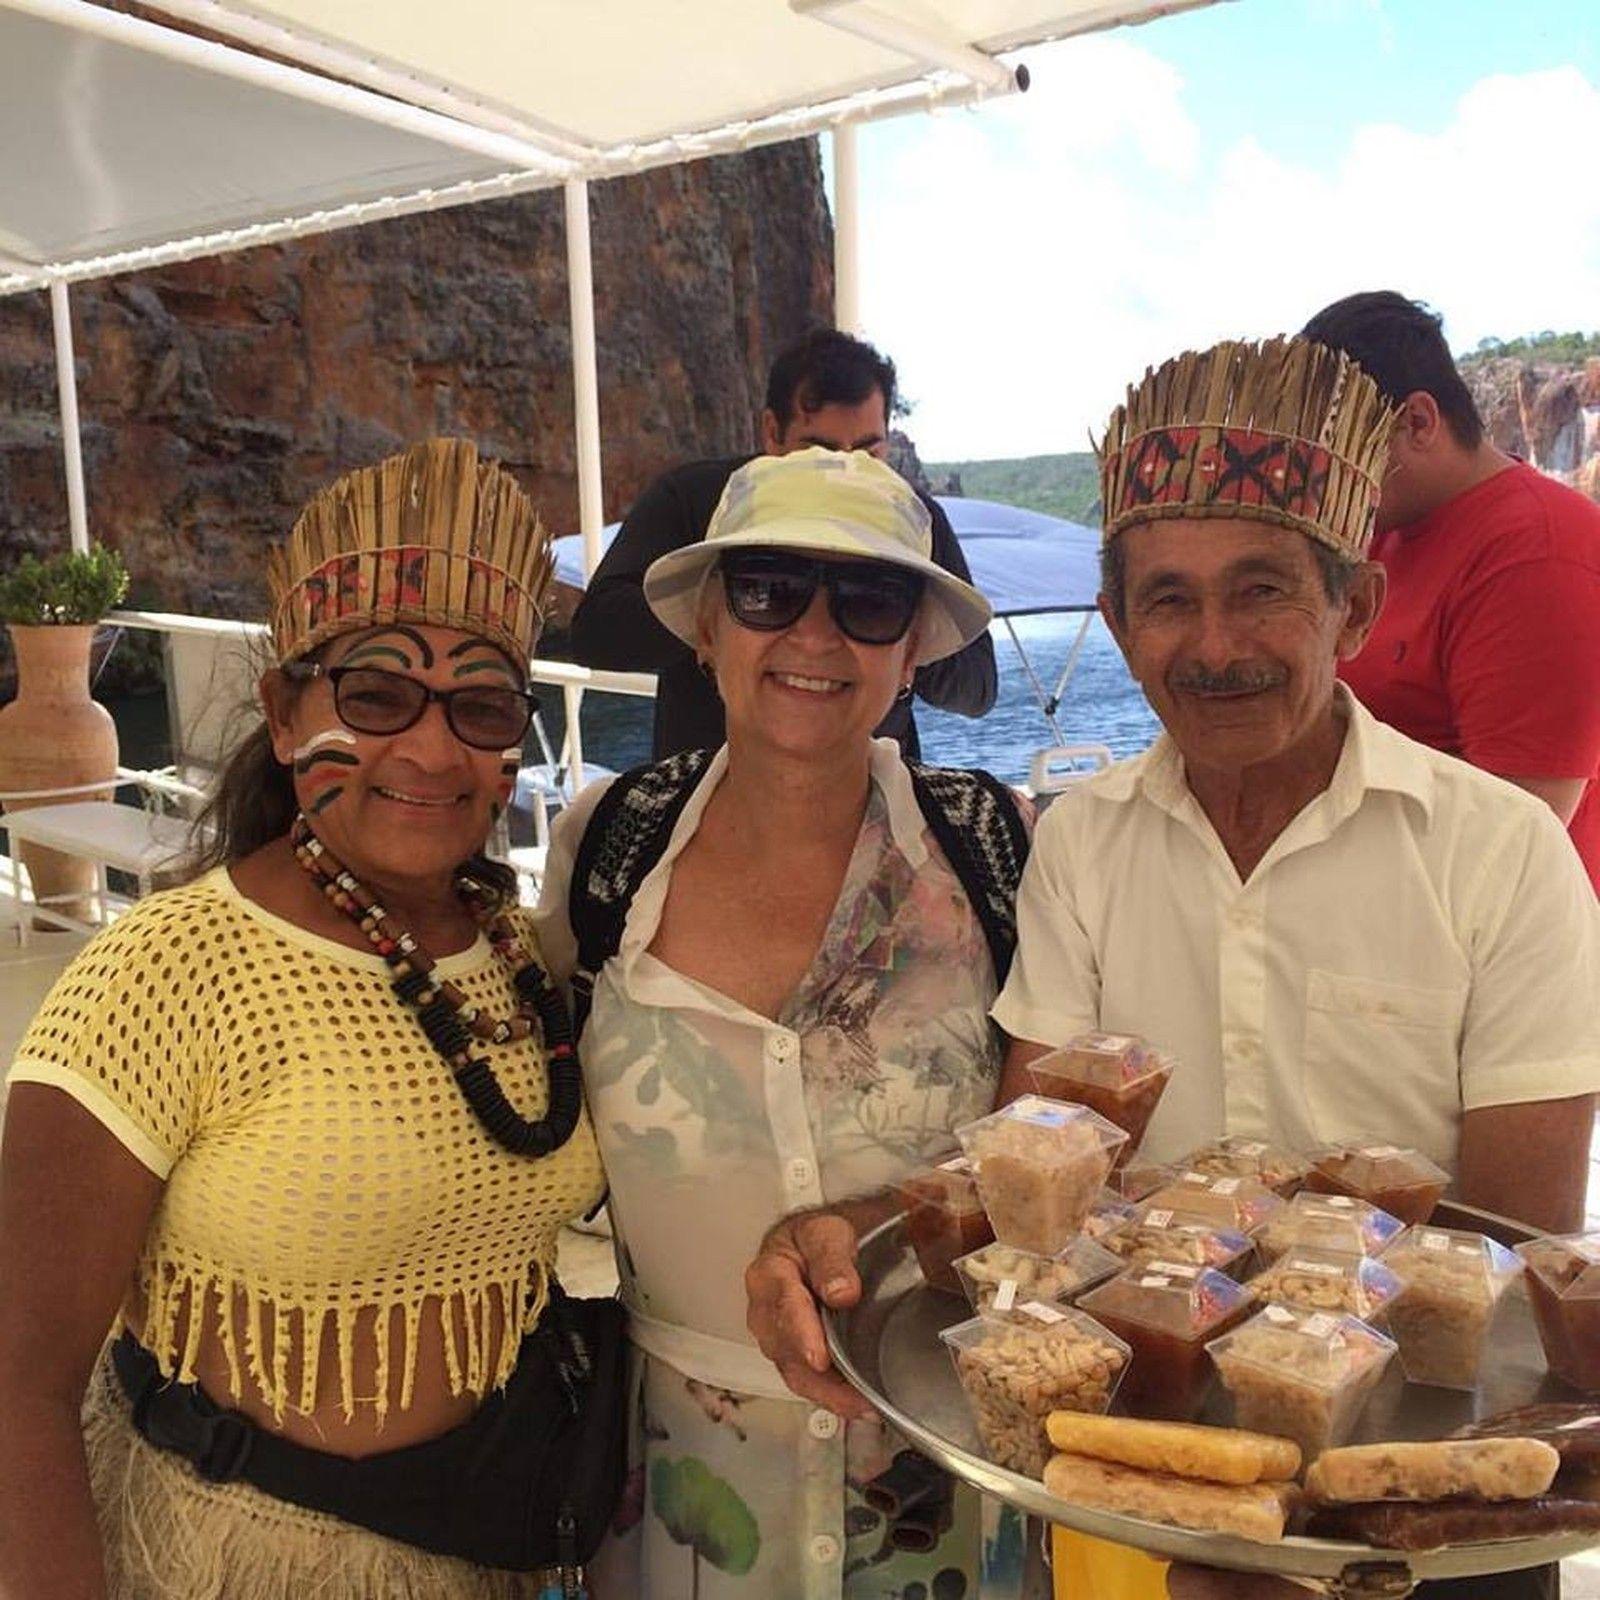 Conhecer a cultura de cada região era uma prioridade na viagem. Foto: Arquivo pessoal.